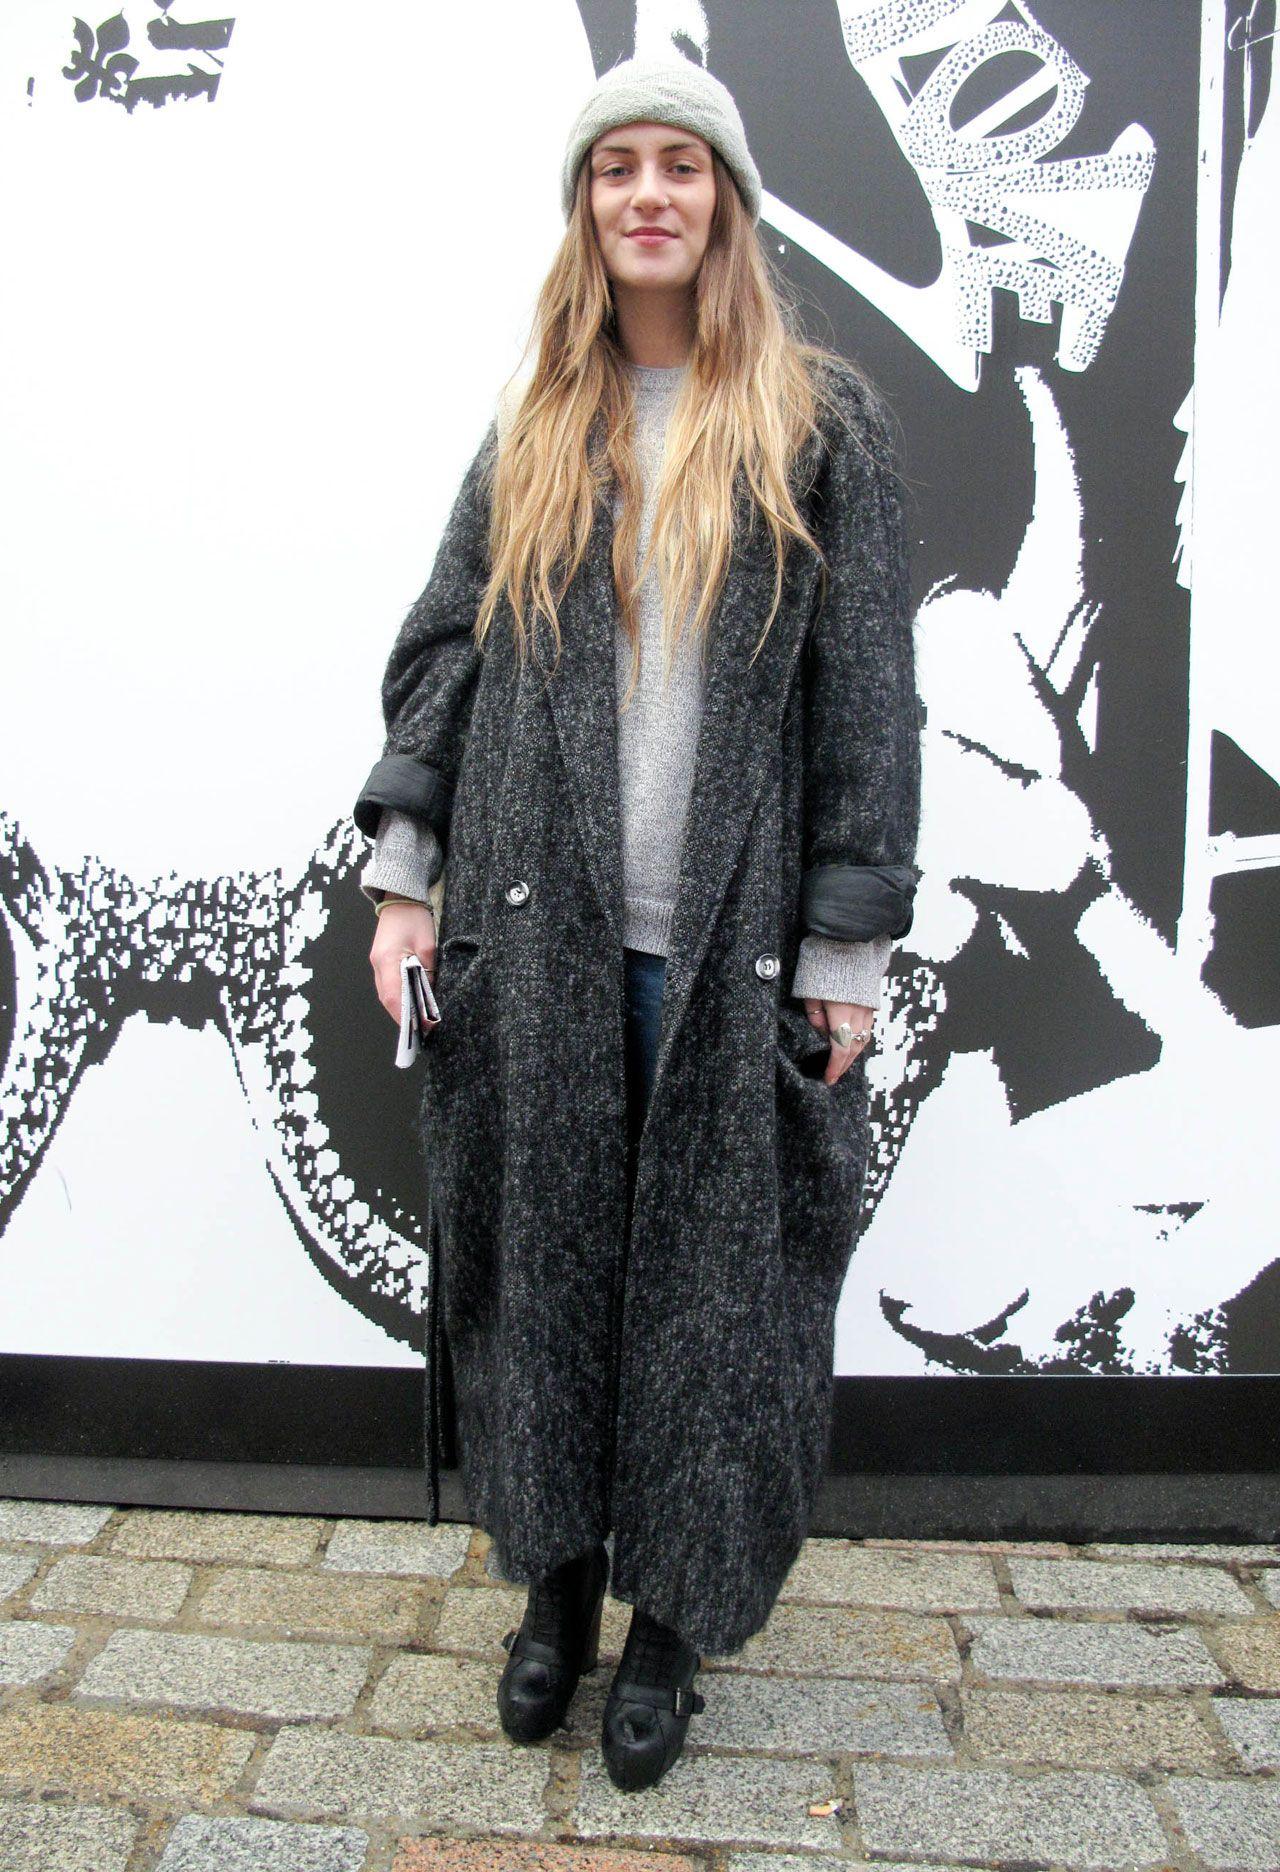 90s Fashion 90s Grunge Fashion Tumblr Grunge Goddess Paris London Things To Wear